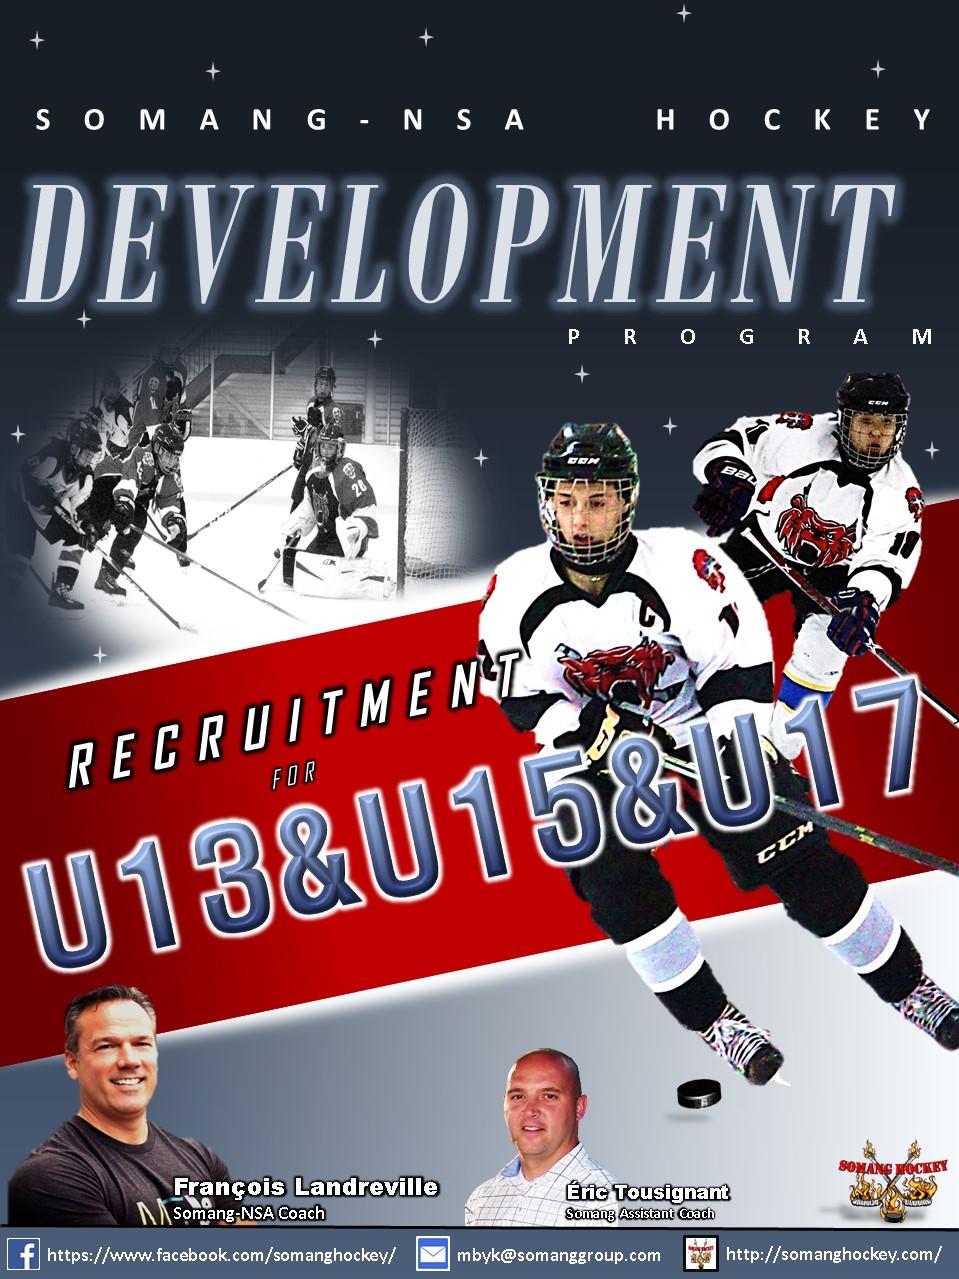 Somang-NSA Development U15&U17 Recruitment Poster